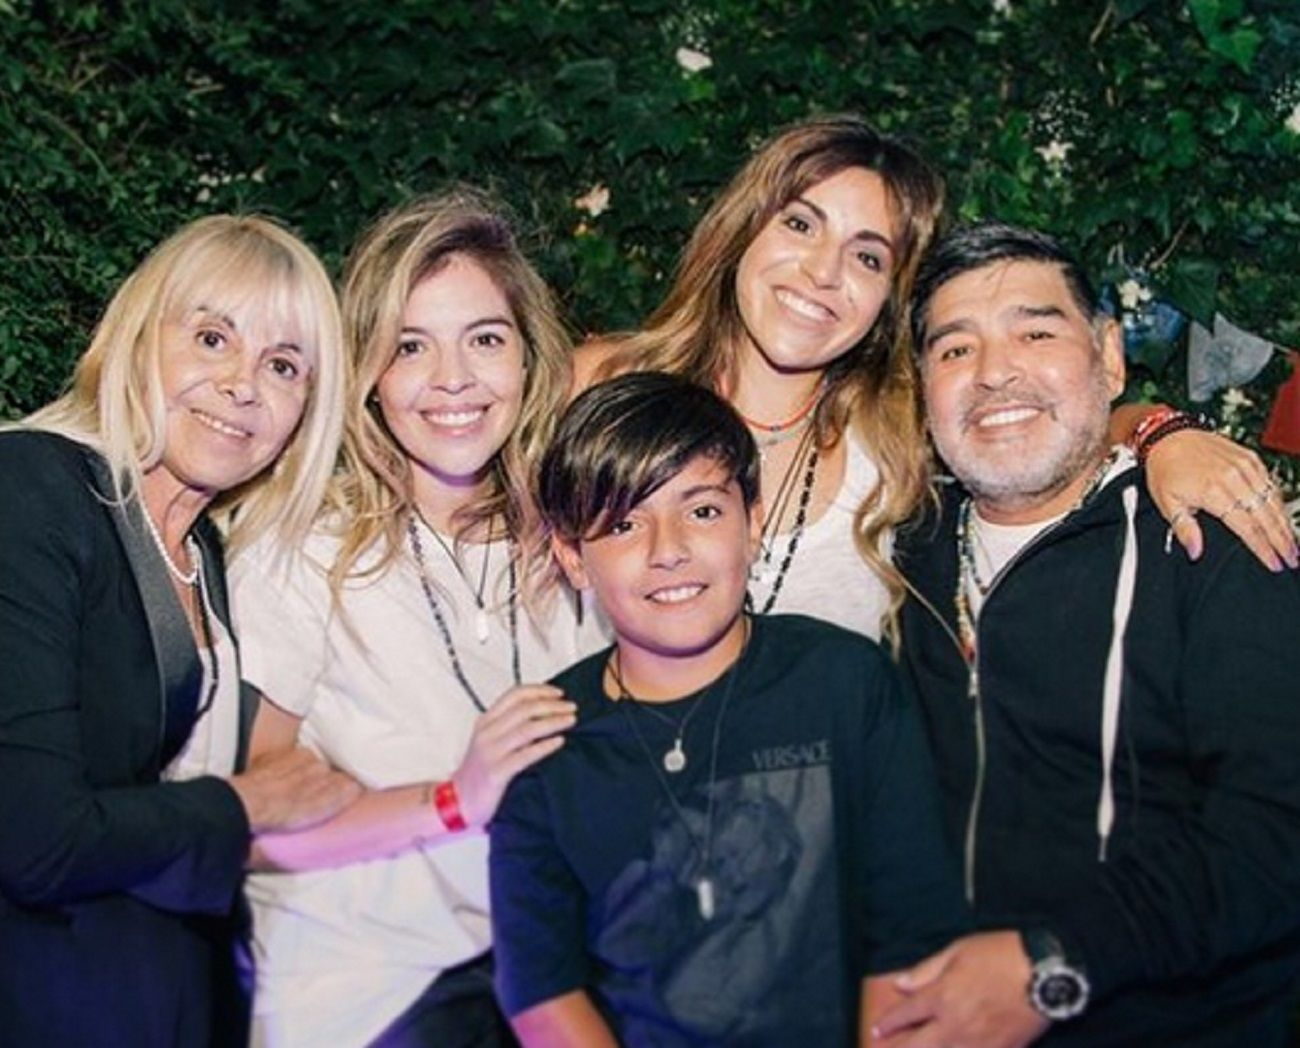 El impensado reencuentro de Diego Maradona con Claudia Villafañe y sus dos hijas